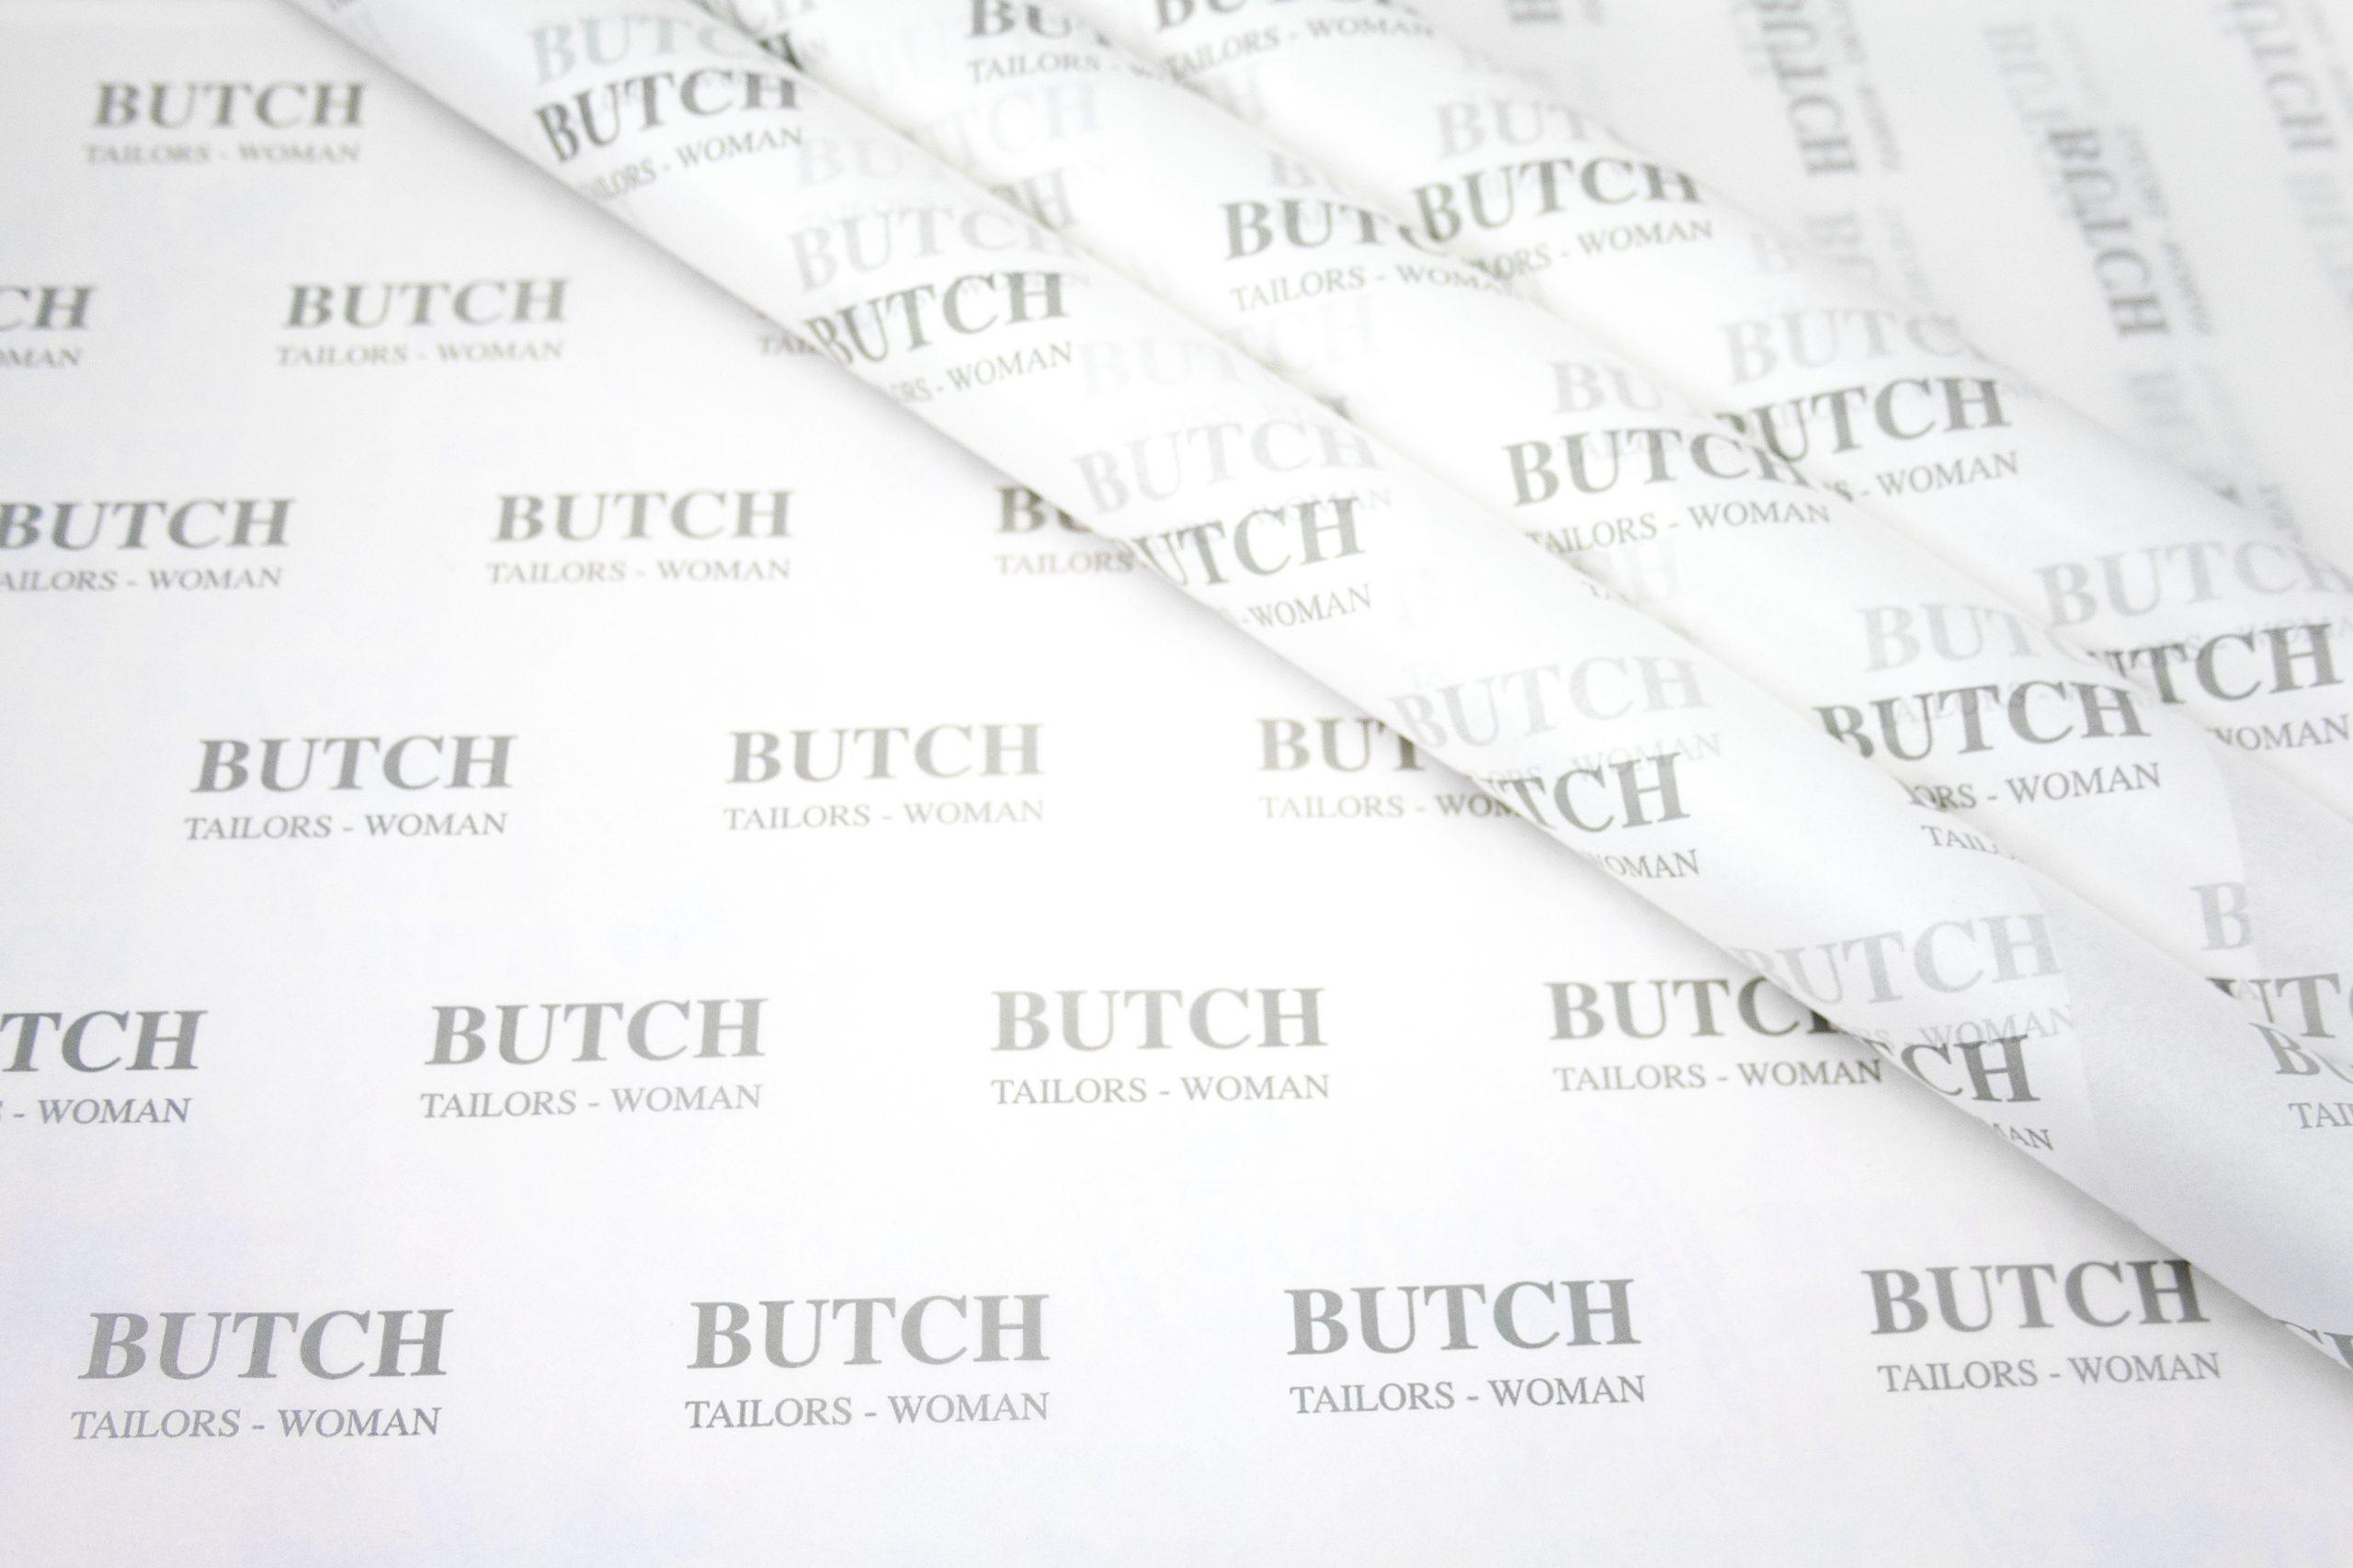 Zijdepapier bedrukt met merknaam retail